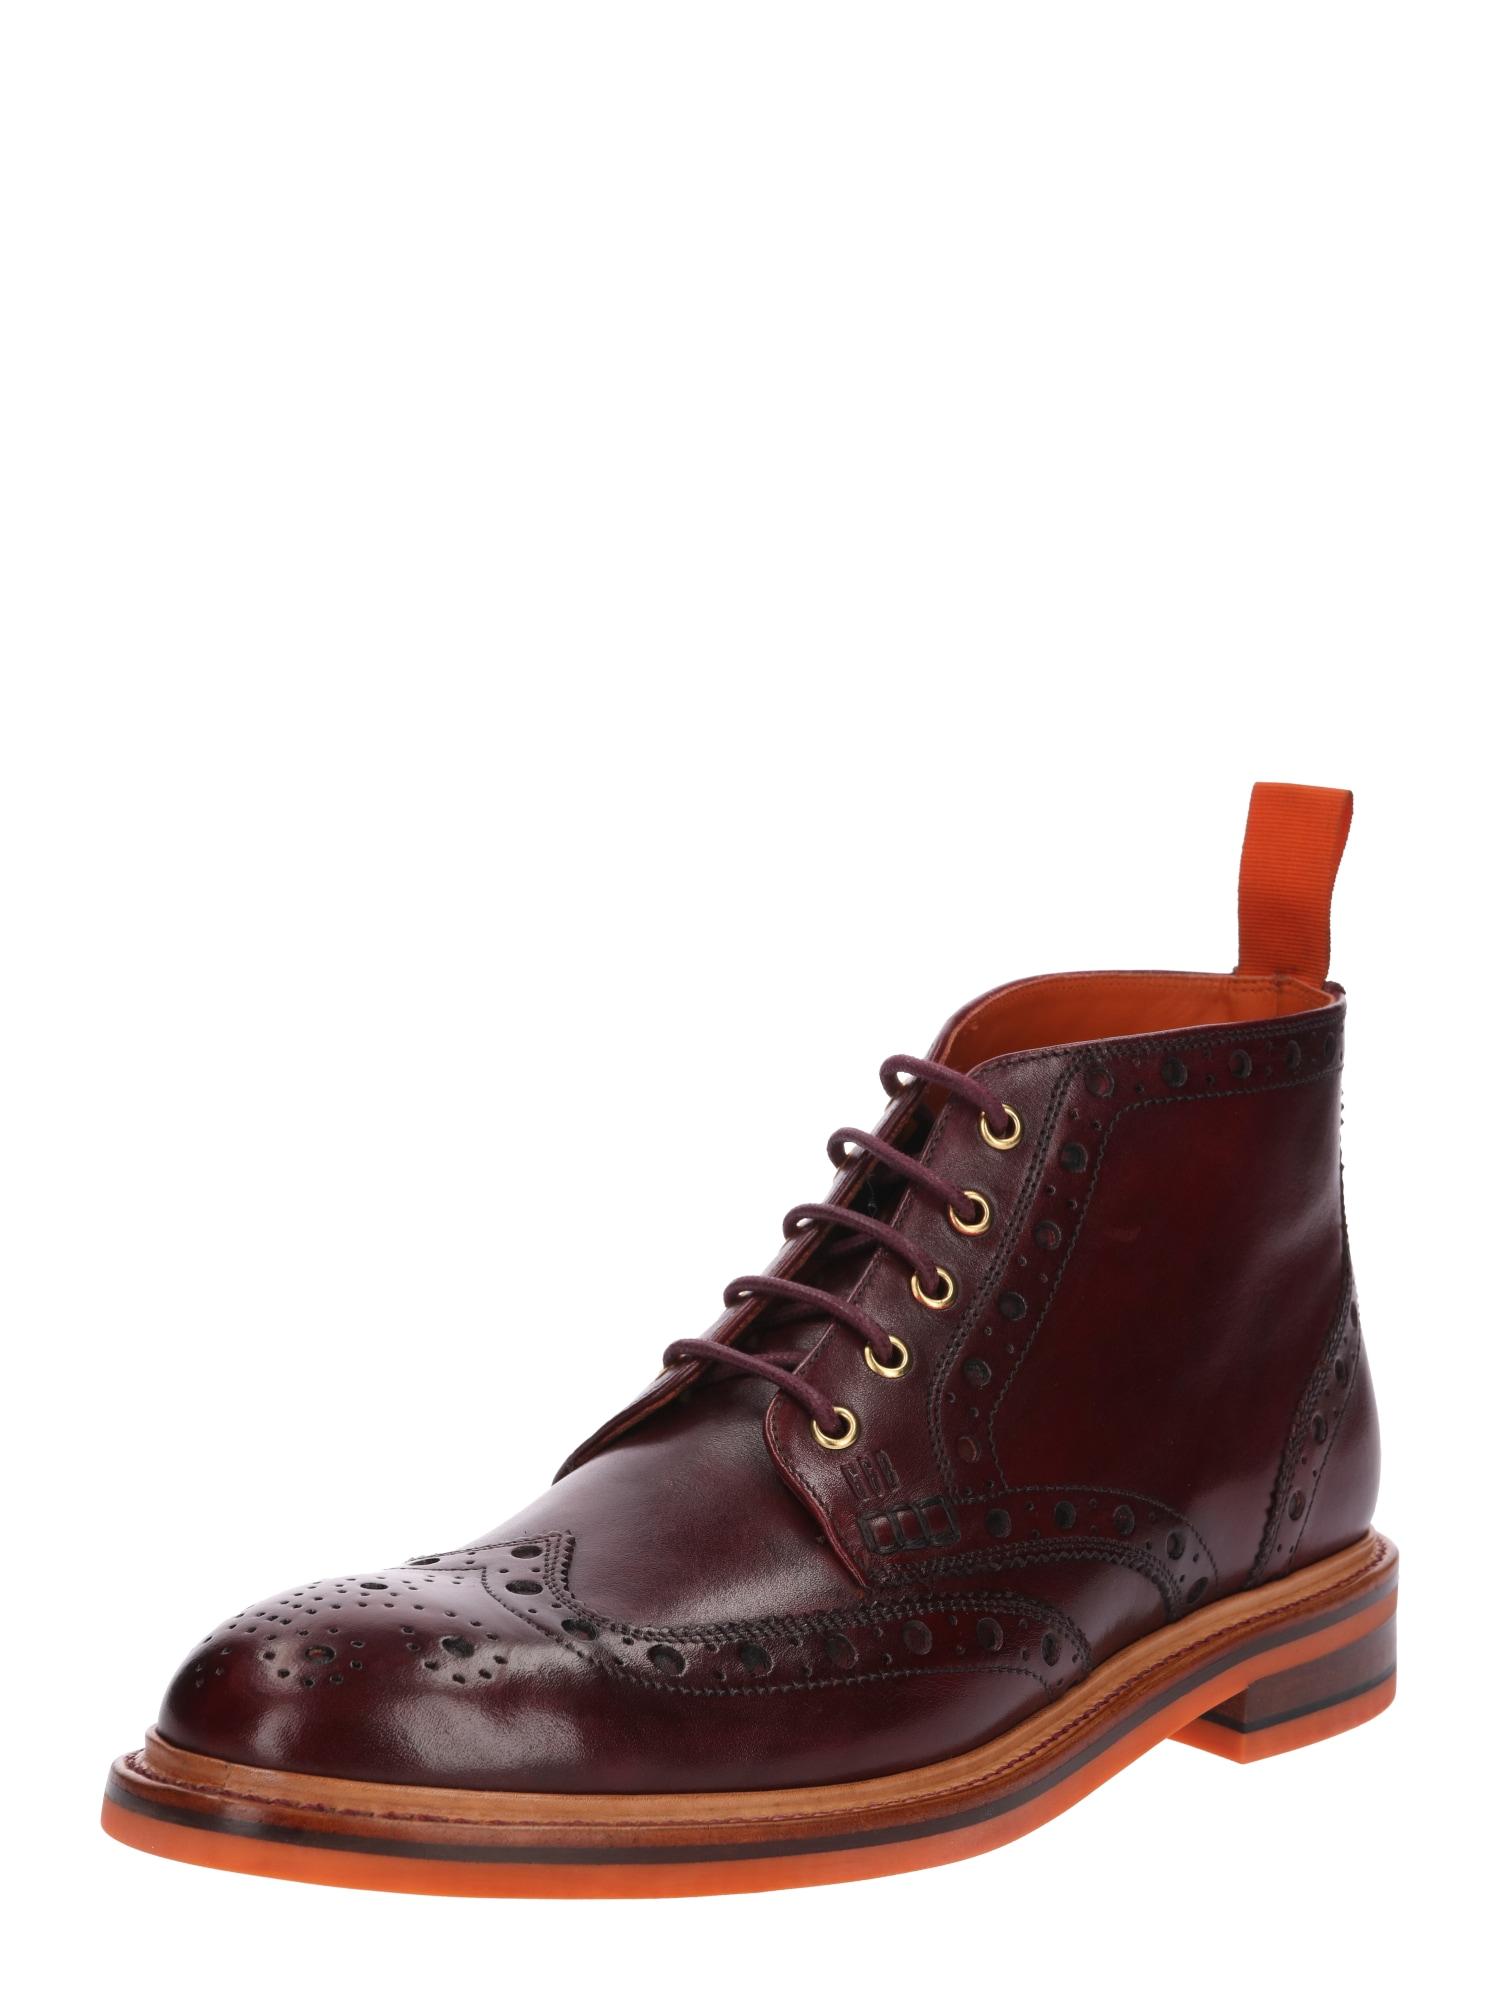 Šněrovací boty Harry kaštanově hnědá Gordon & Bros